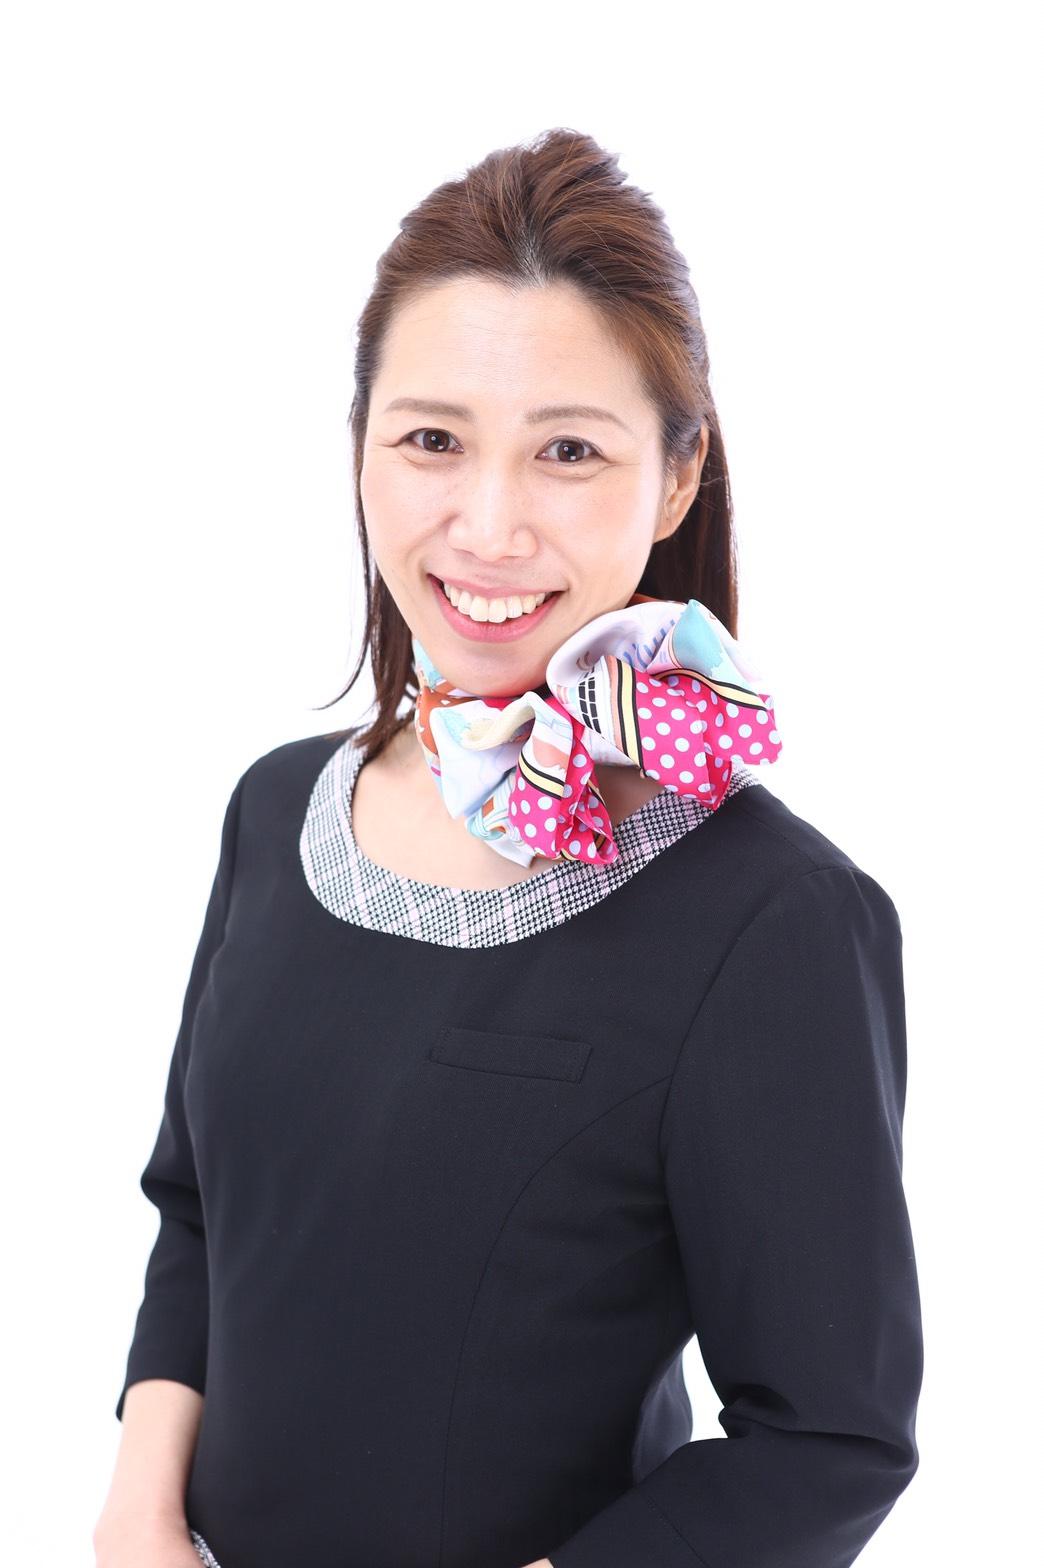 諸泉和美(Moroizumi Kazumi)